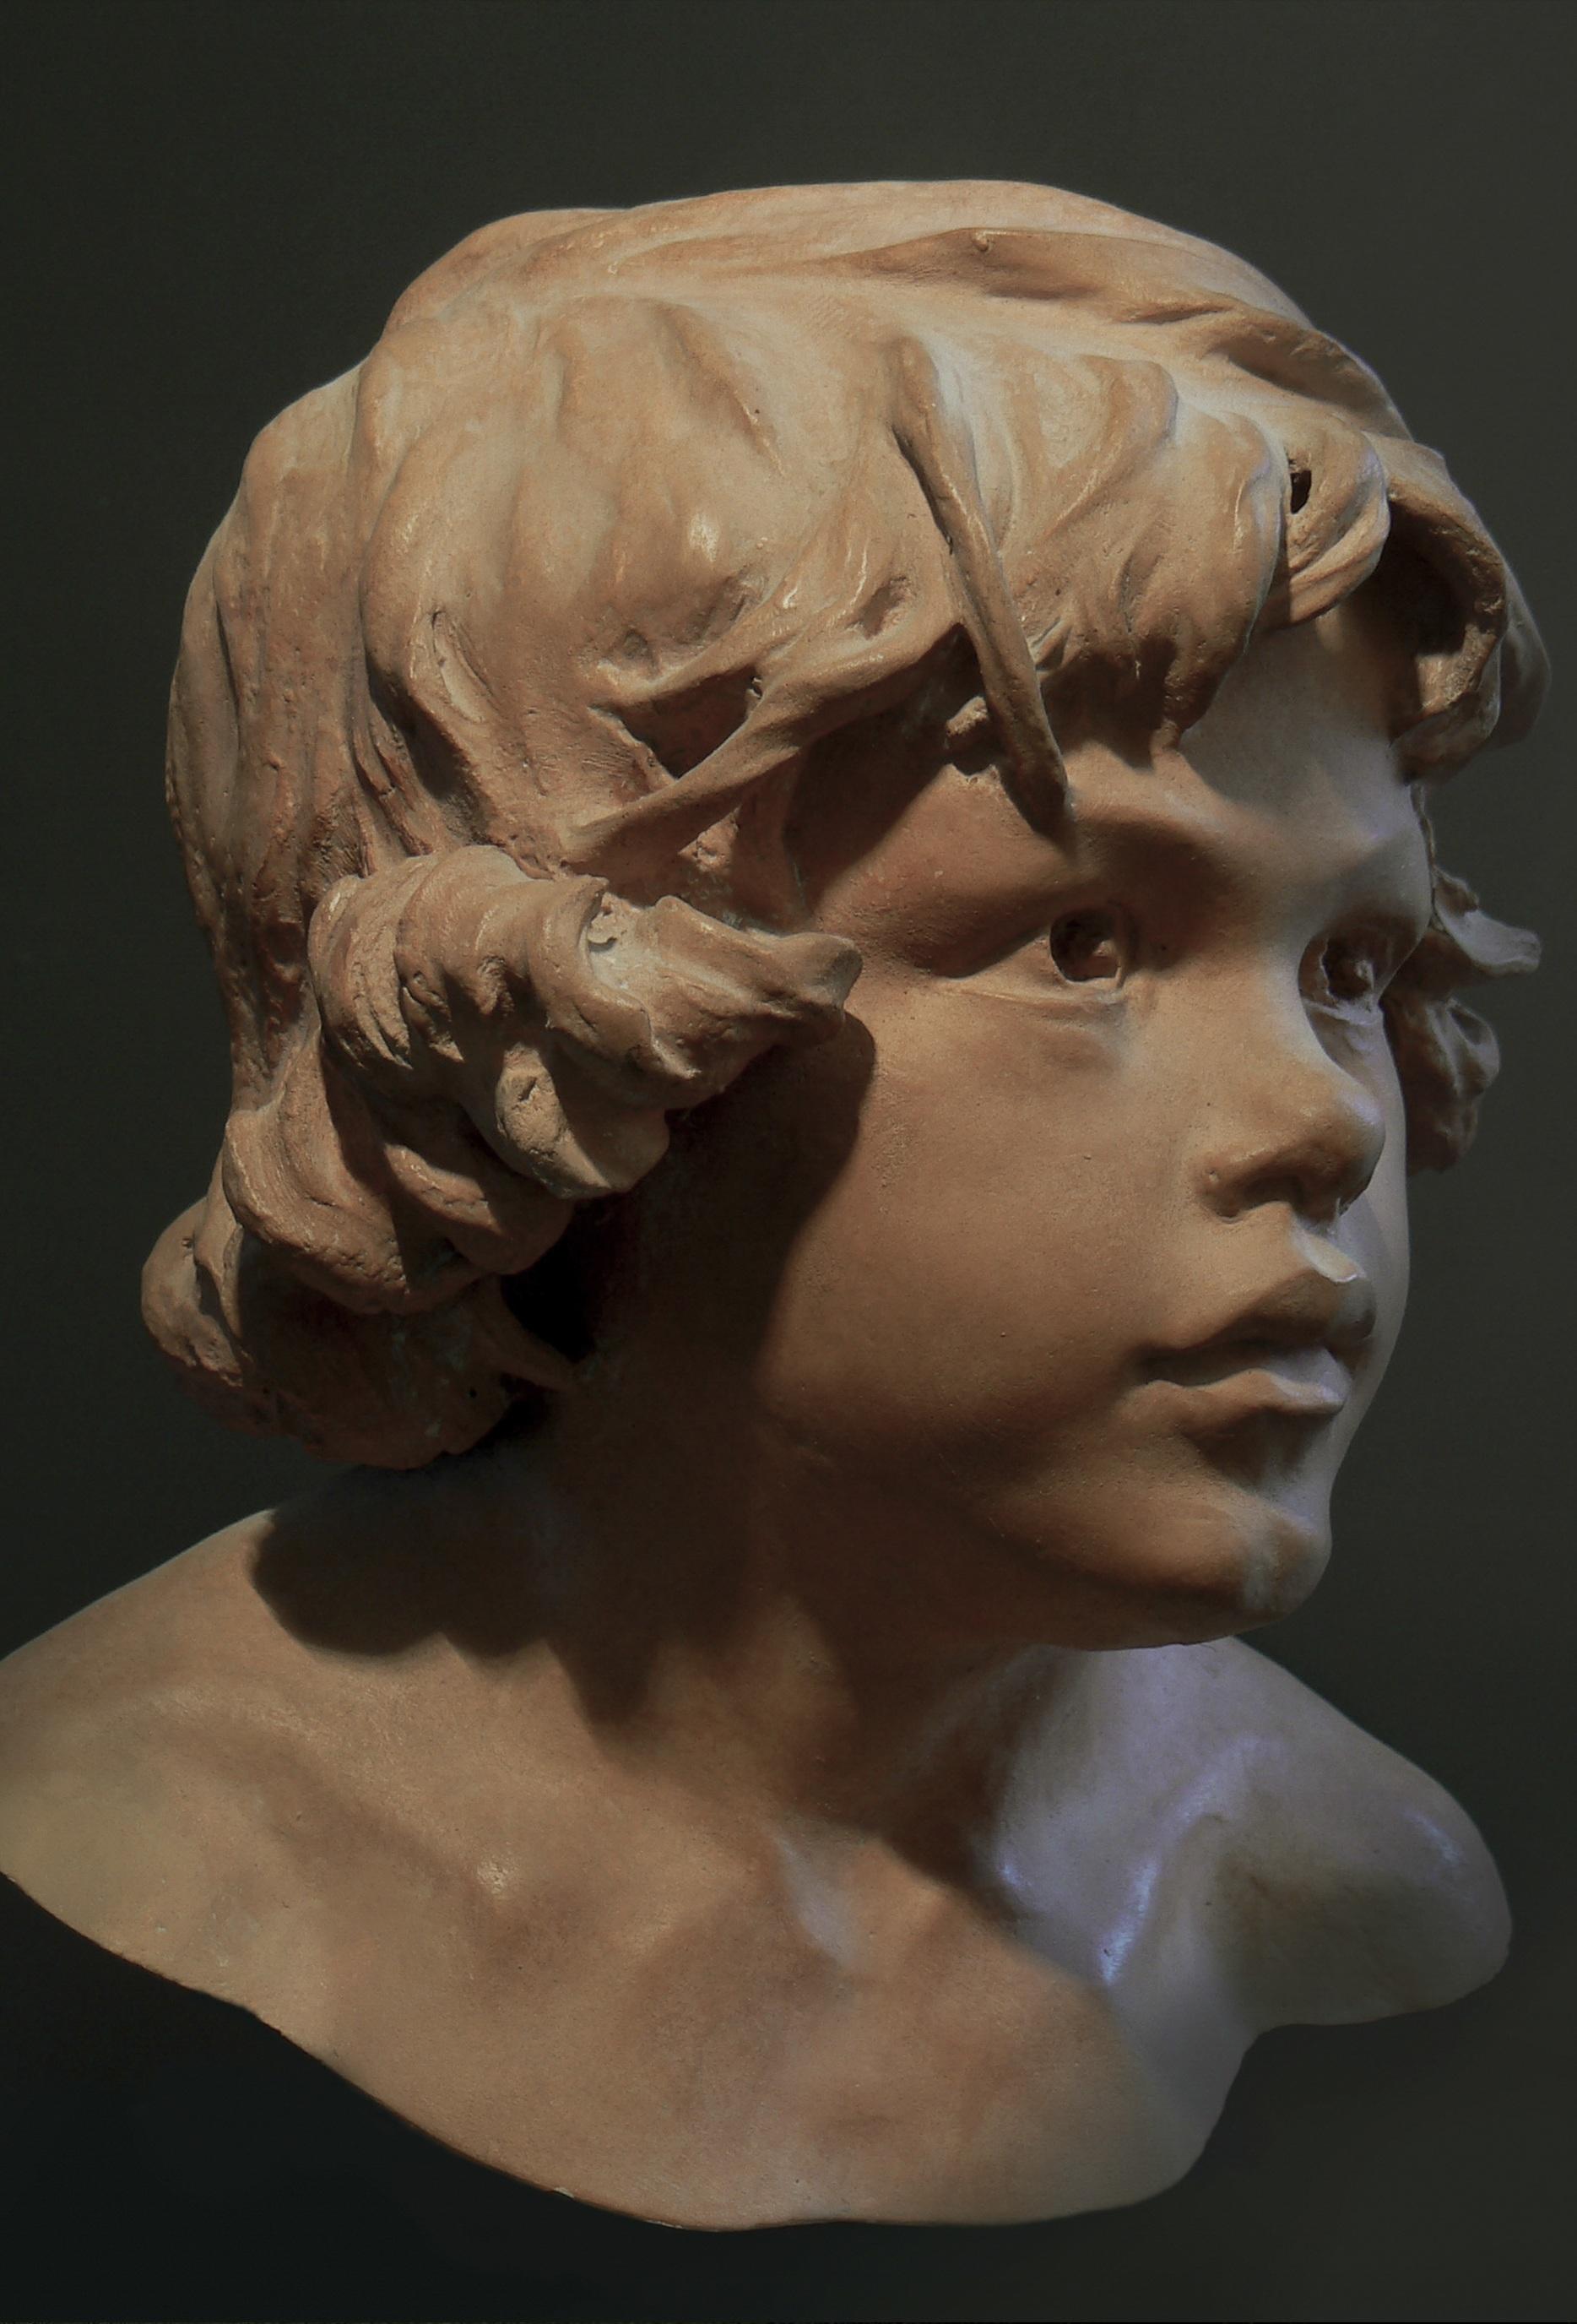 sculpture d'un visage d'enfant